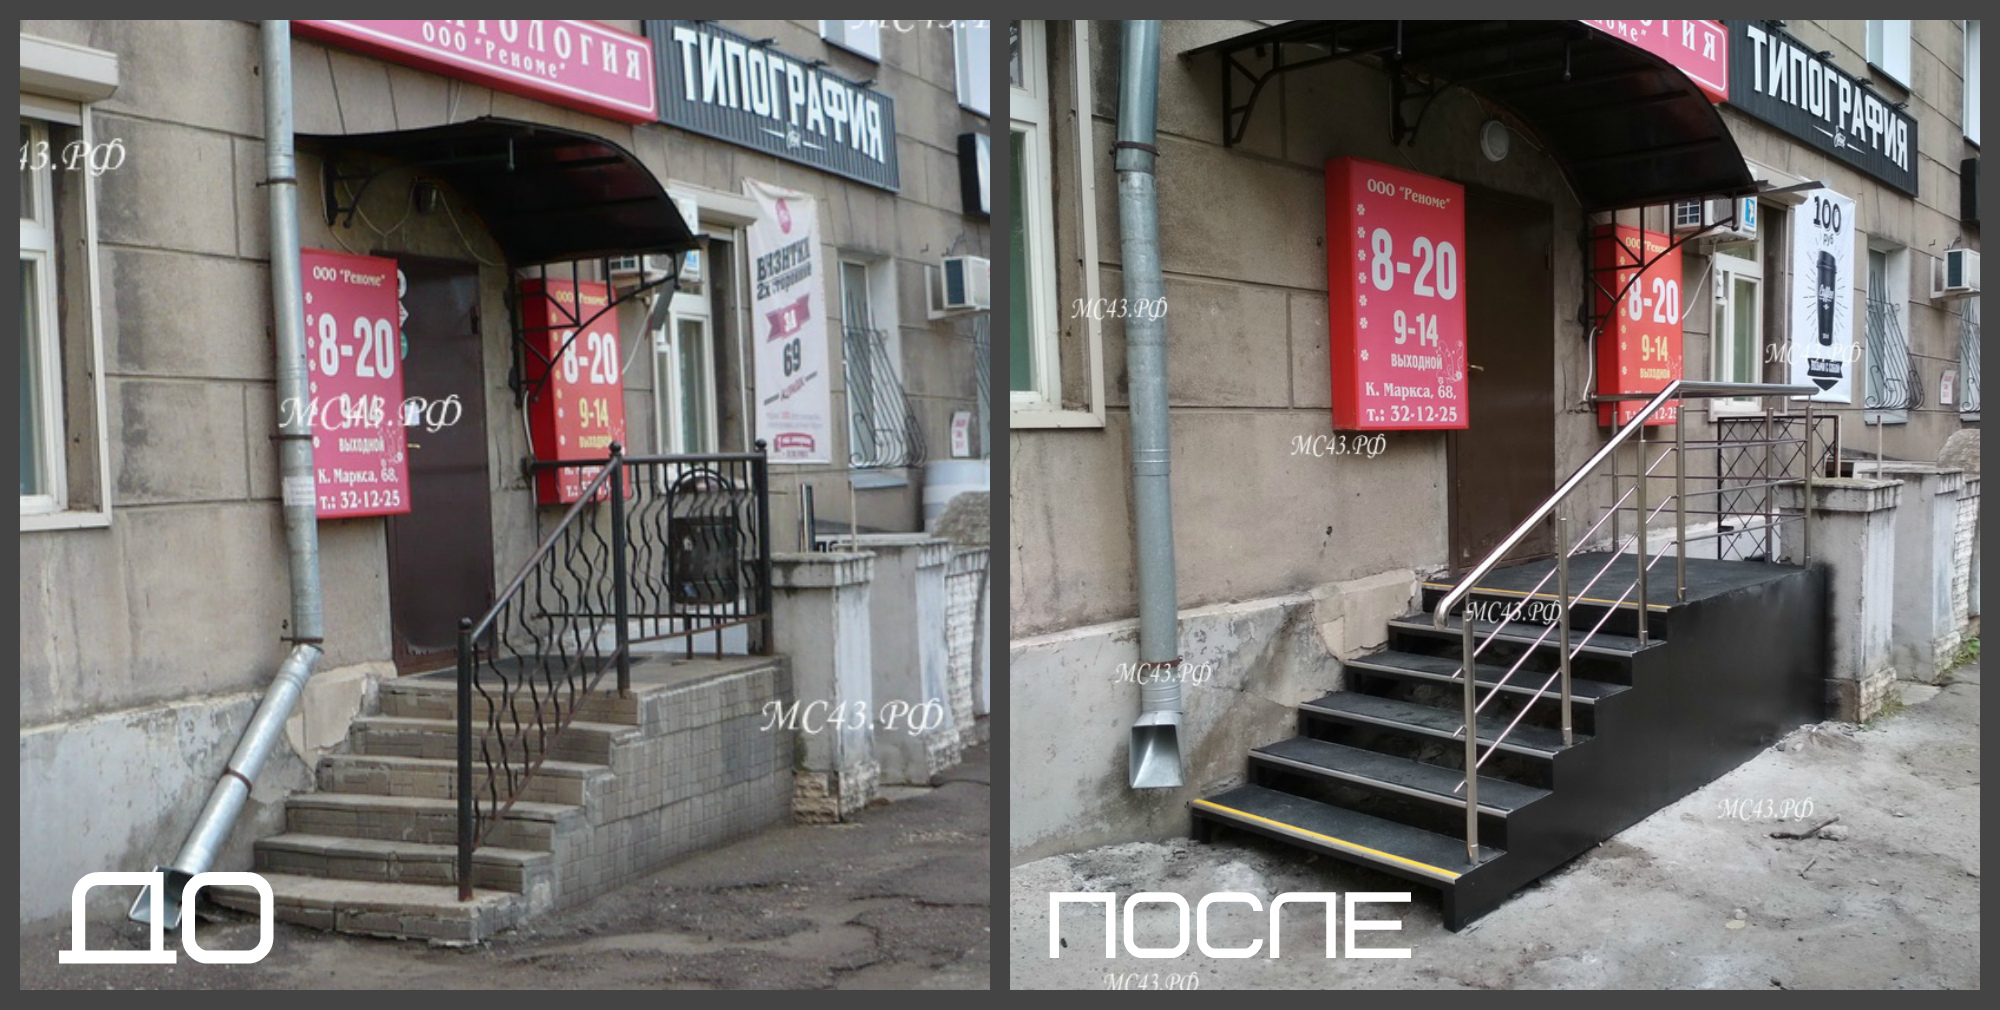 фото до и после ремонта входа